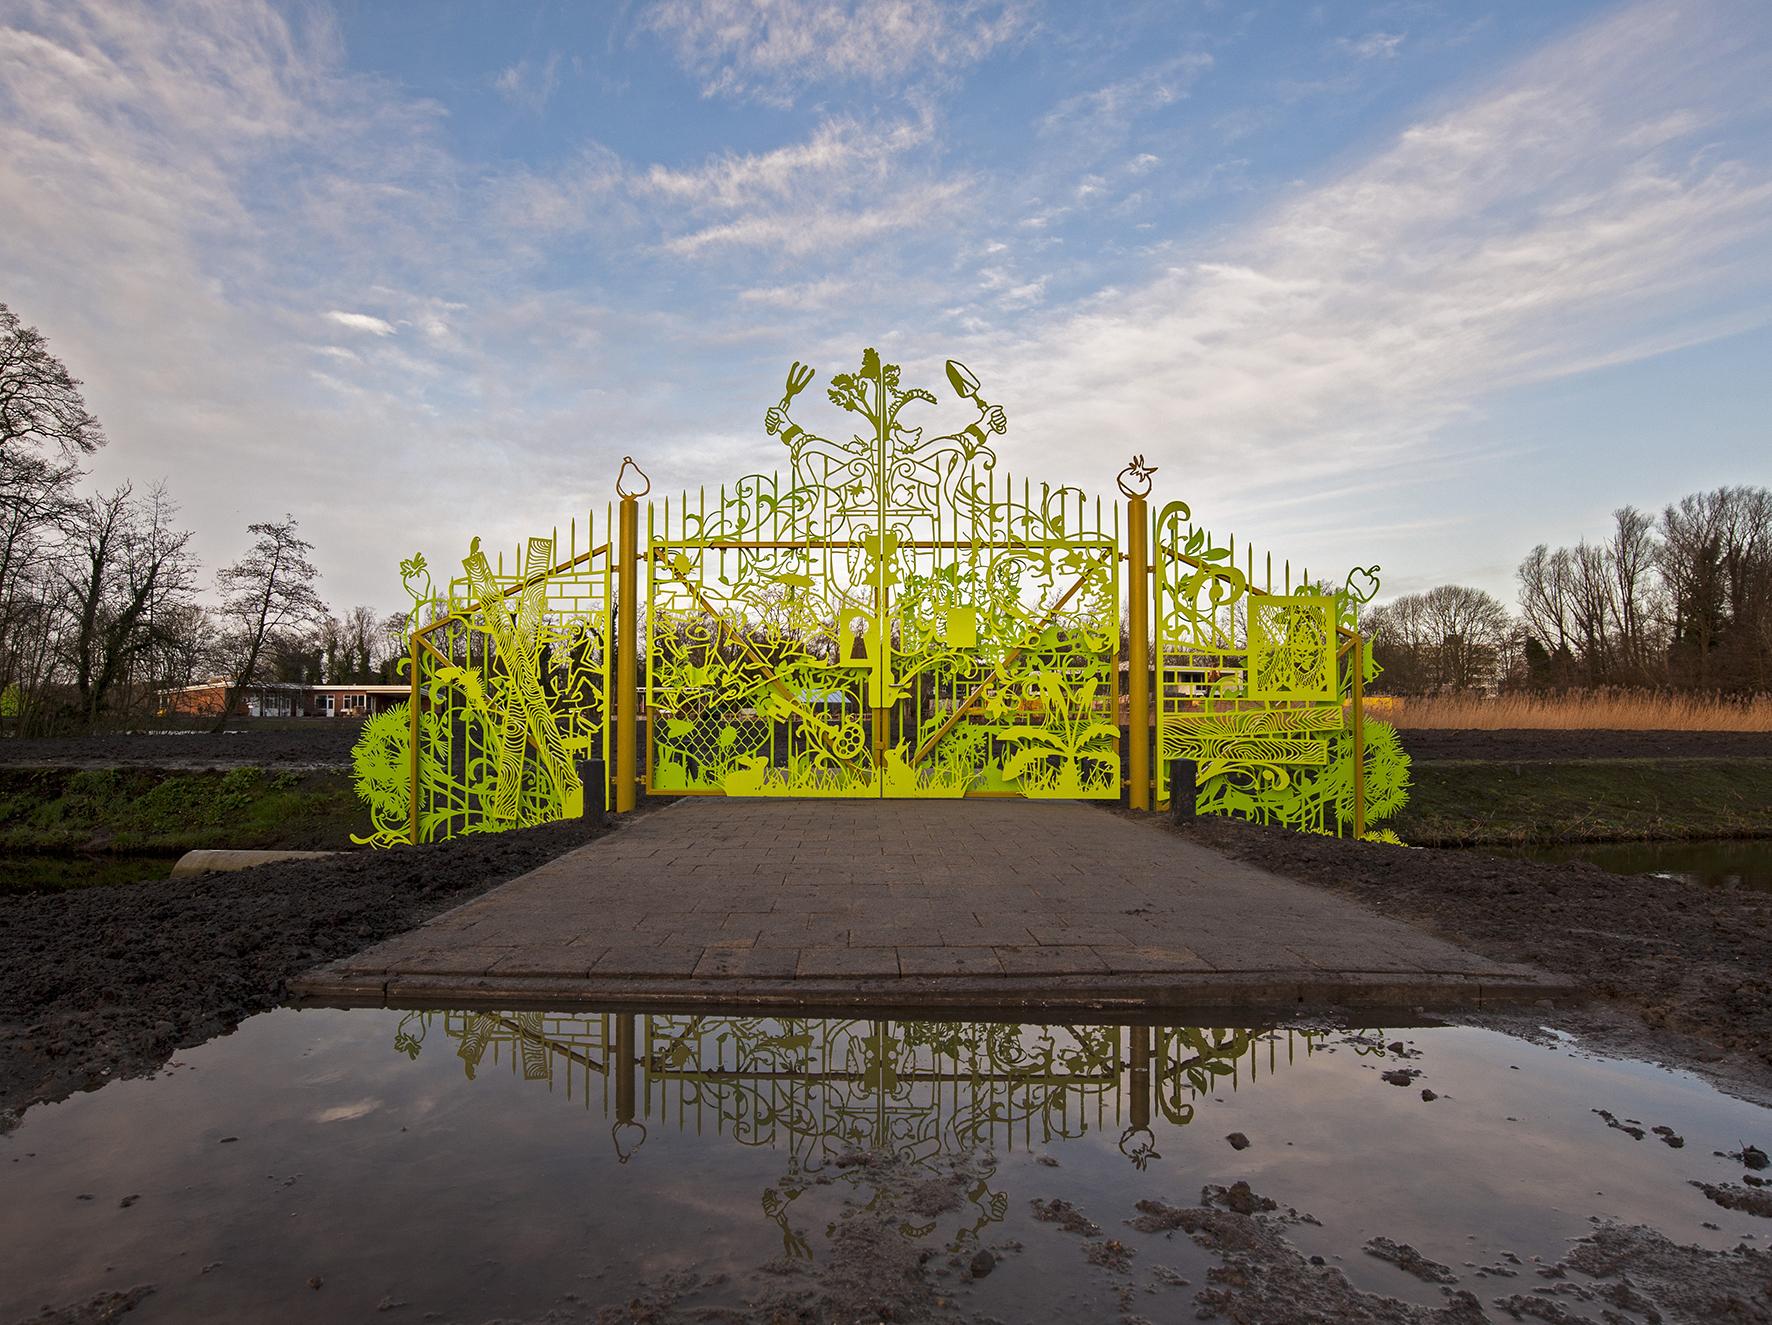 Aemstel schooltuin entrance u2022 leonie martine janssen